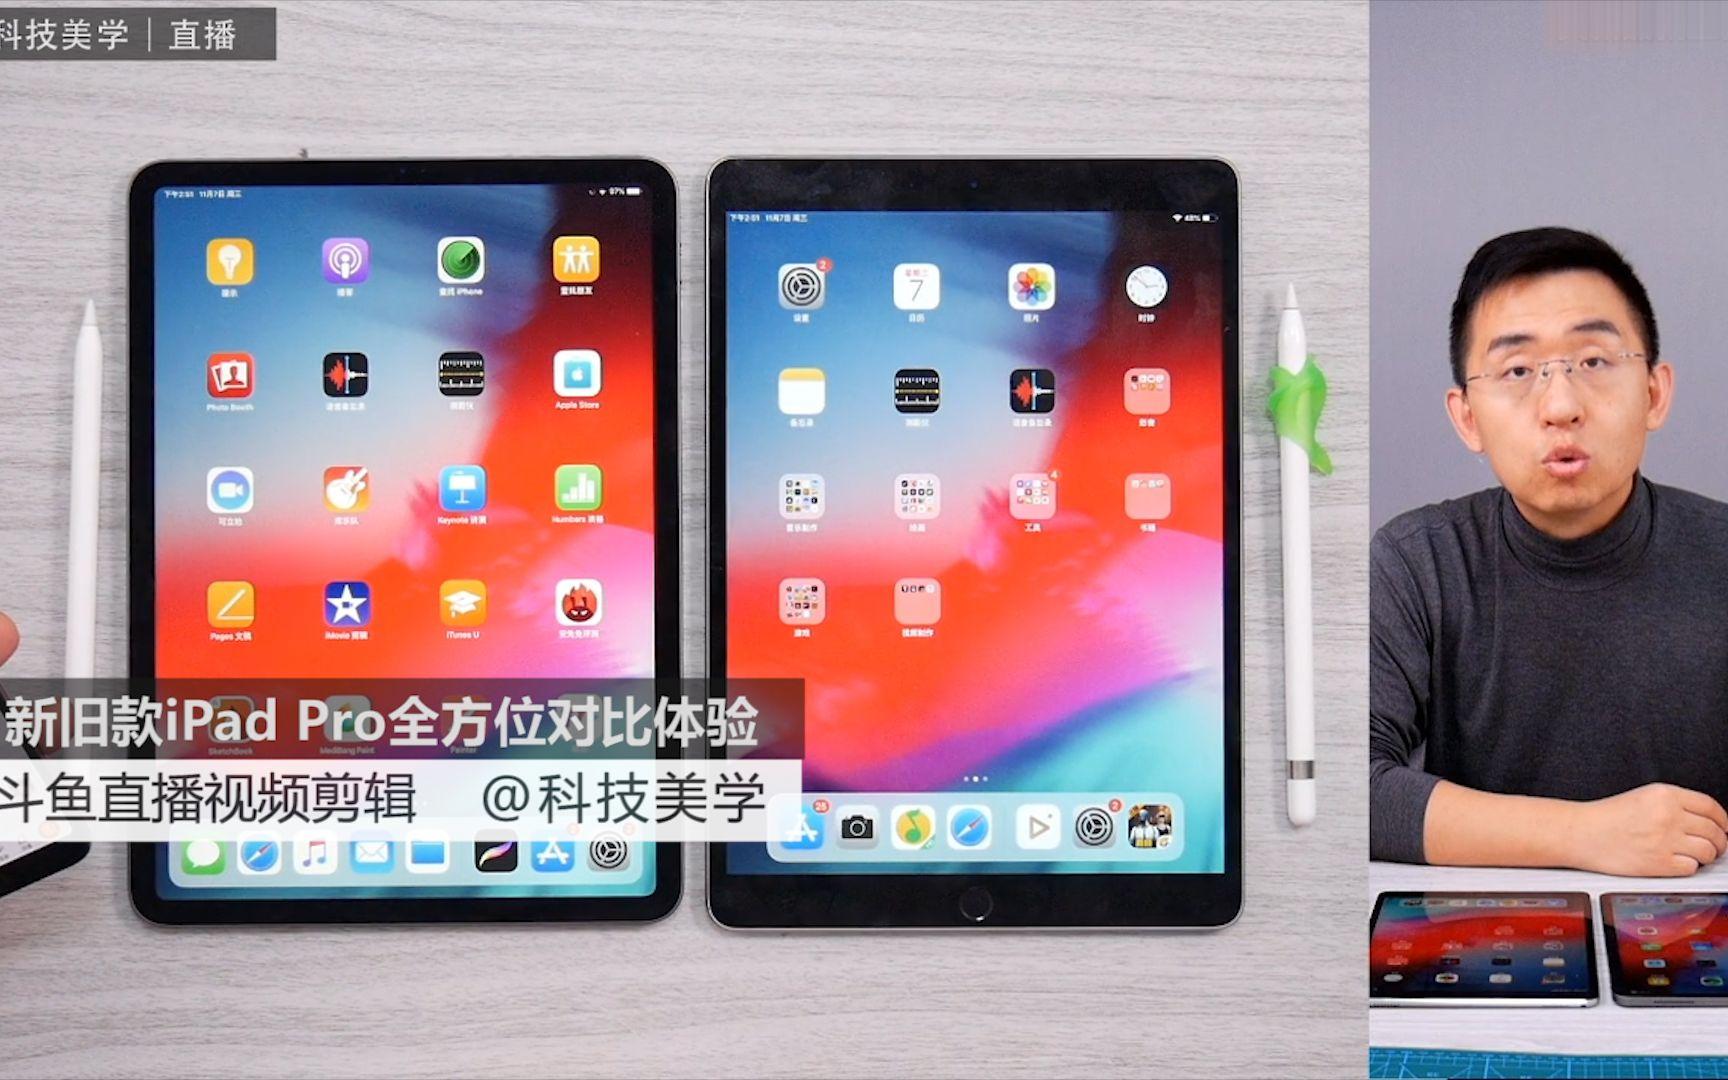 「科技美学直播」新款iPad Pro你最想知道的十个疯狂的问题  |  那岩为你一一解答